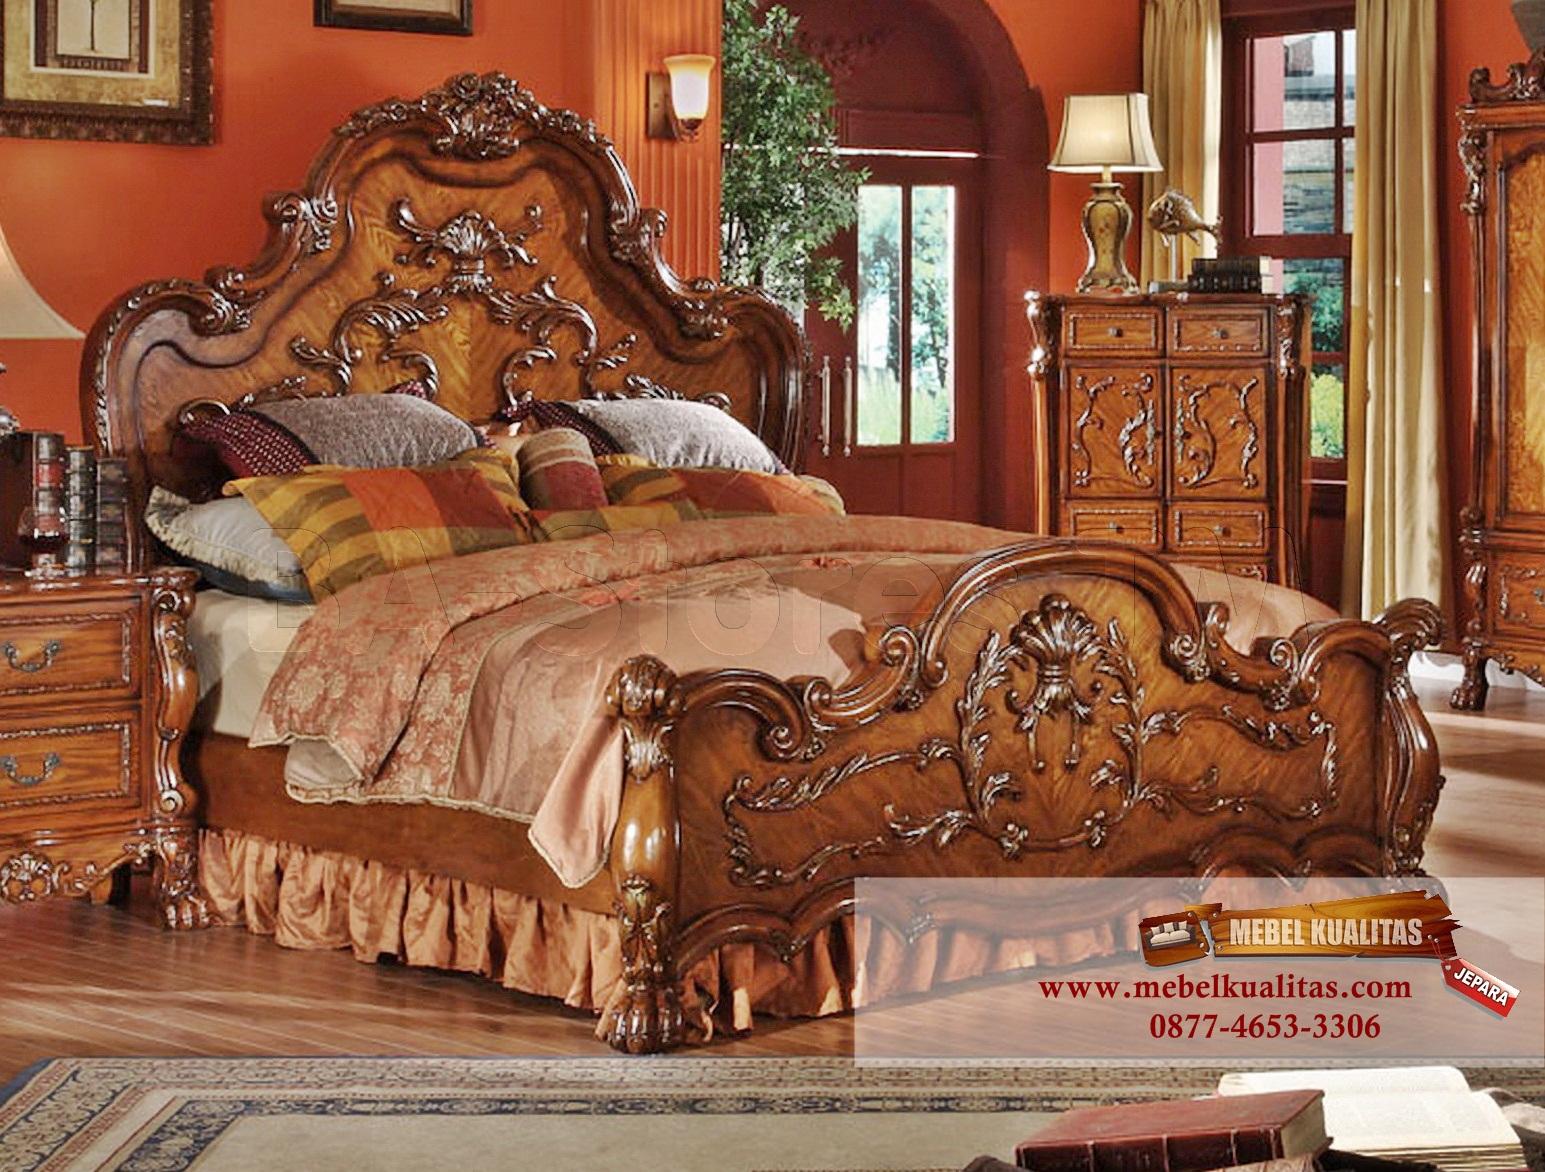 kamar tidur mewah, kamar tidur dewasa, mebelkualitas.com